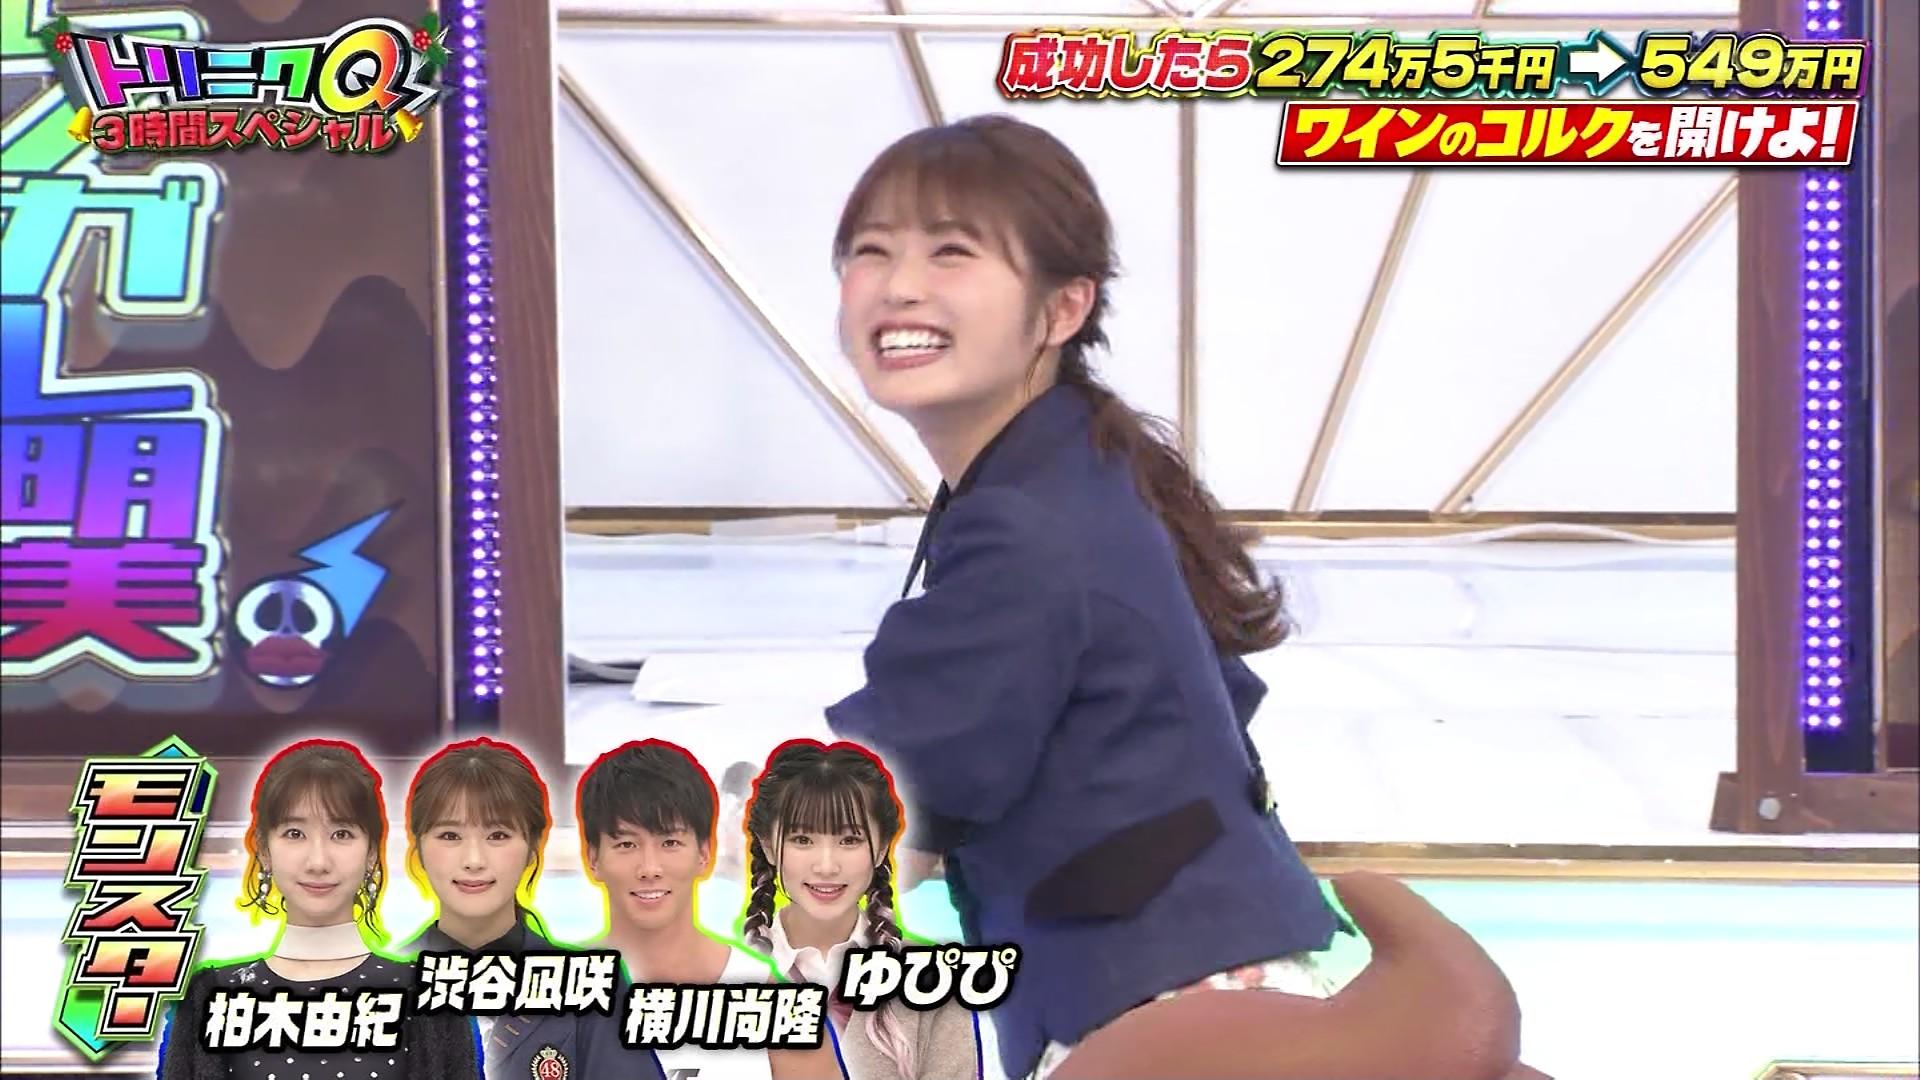 【渋谷凪咲】なぎさ、トリニクでまぁまぁな賞金ゲット!